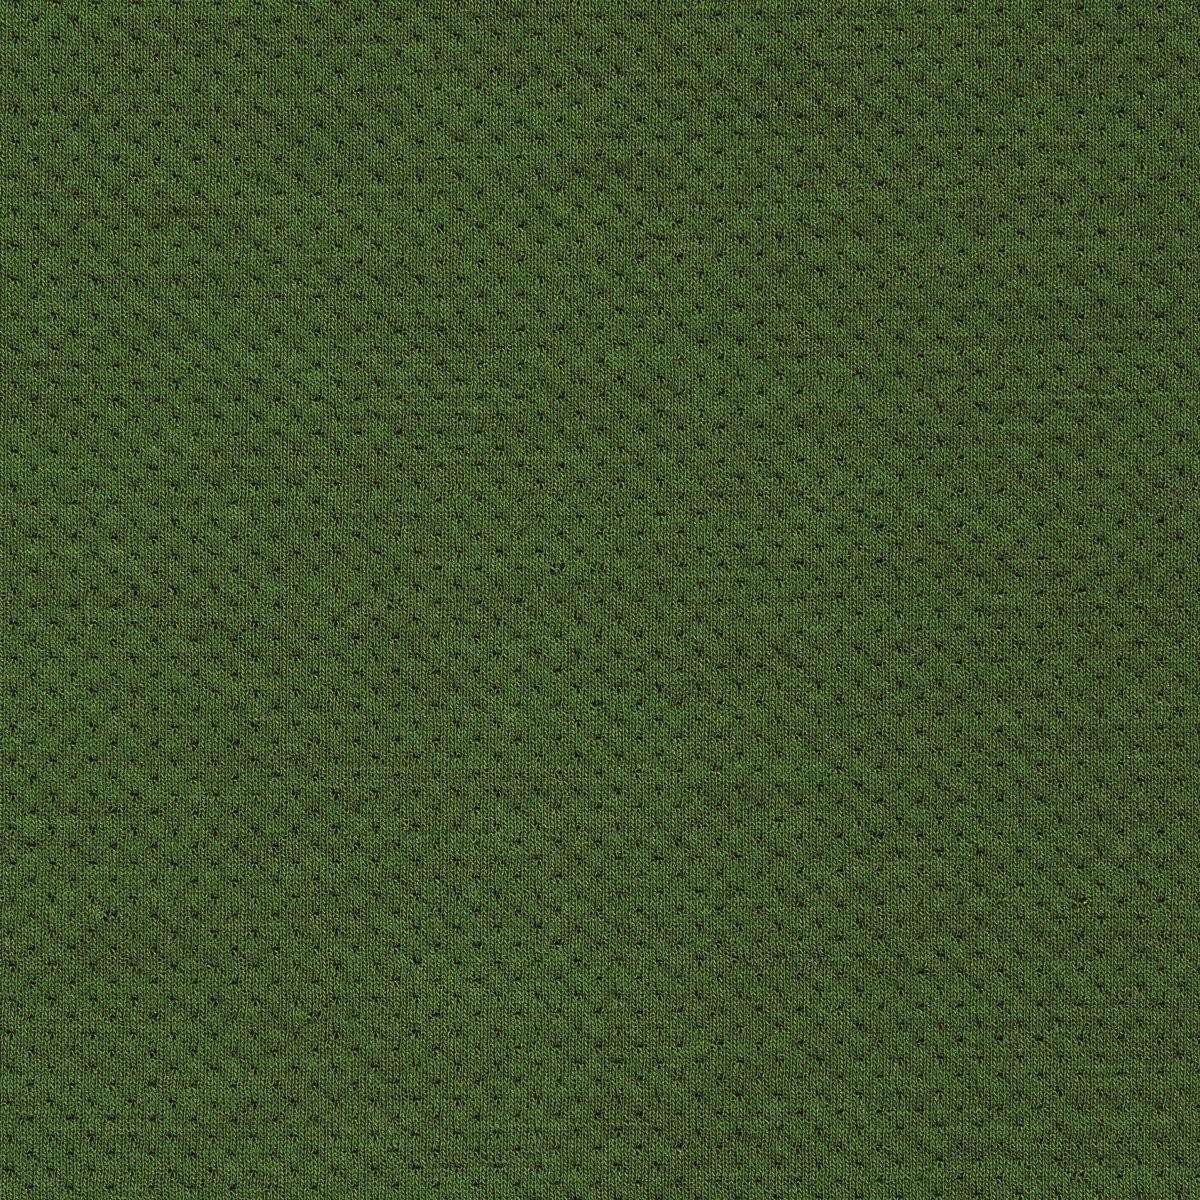 PITCH GRASS 13O621